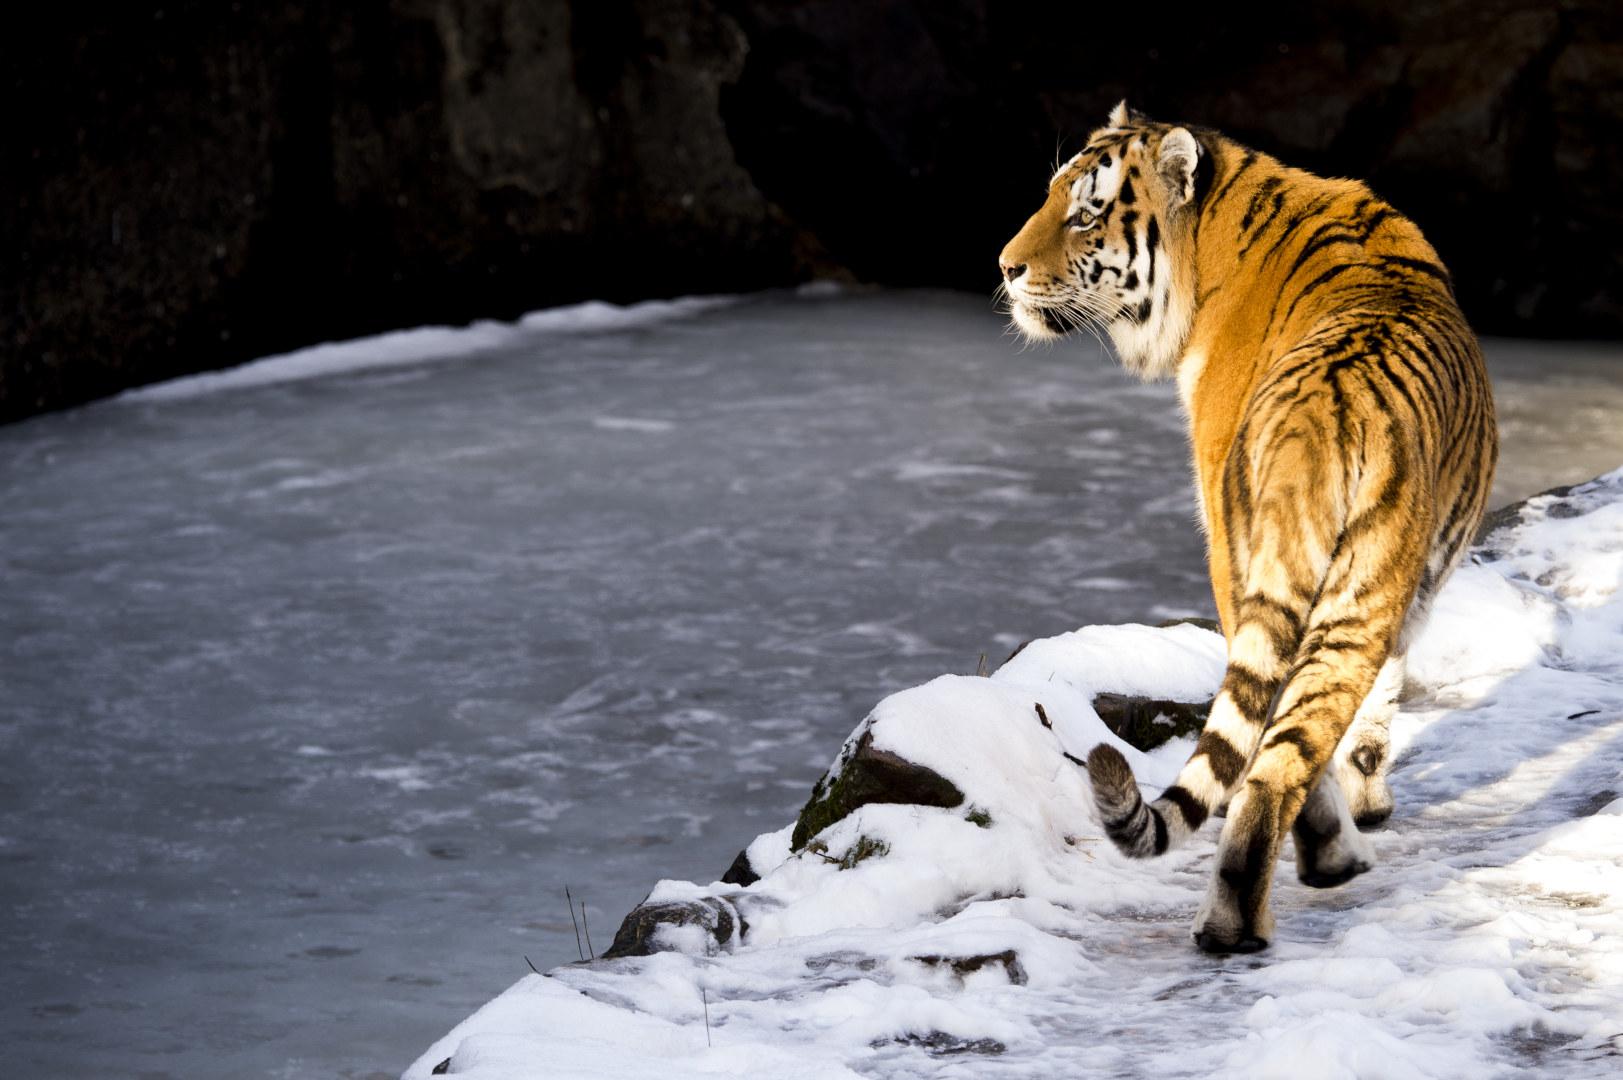 Borås djurpark i vinter. Foto: Jörgen Jarnberger / JPIXFOTO